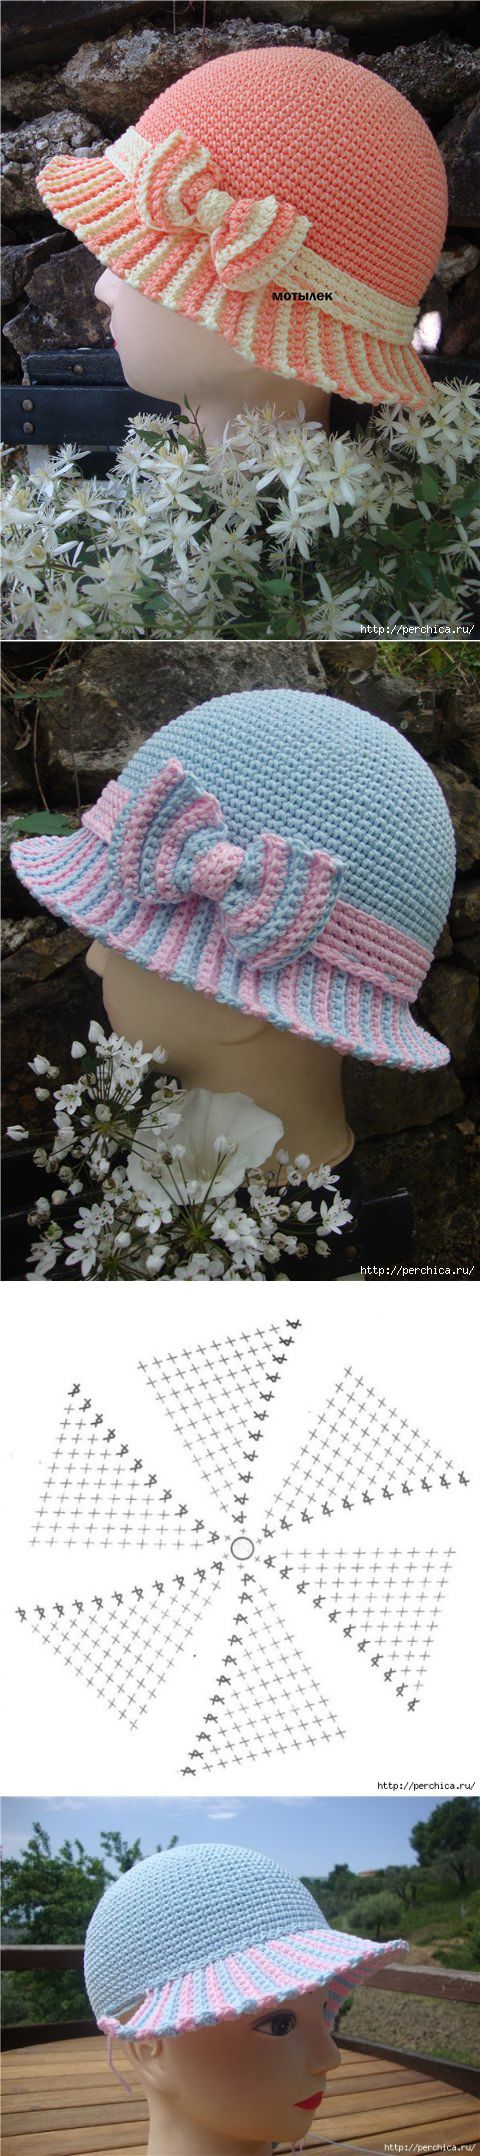 Sombrero de gancho * * Milagro